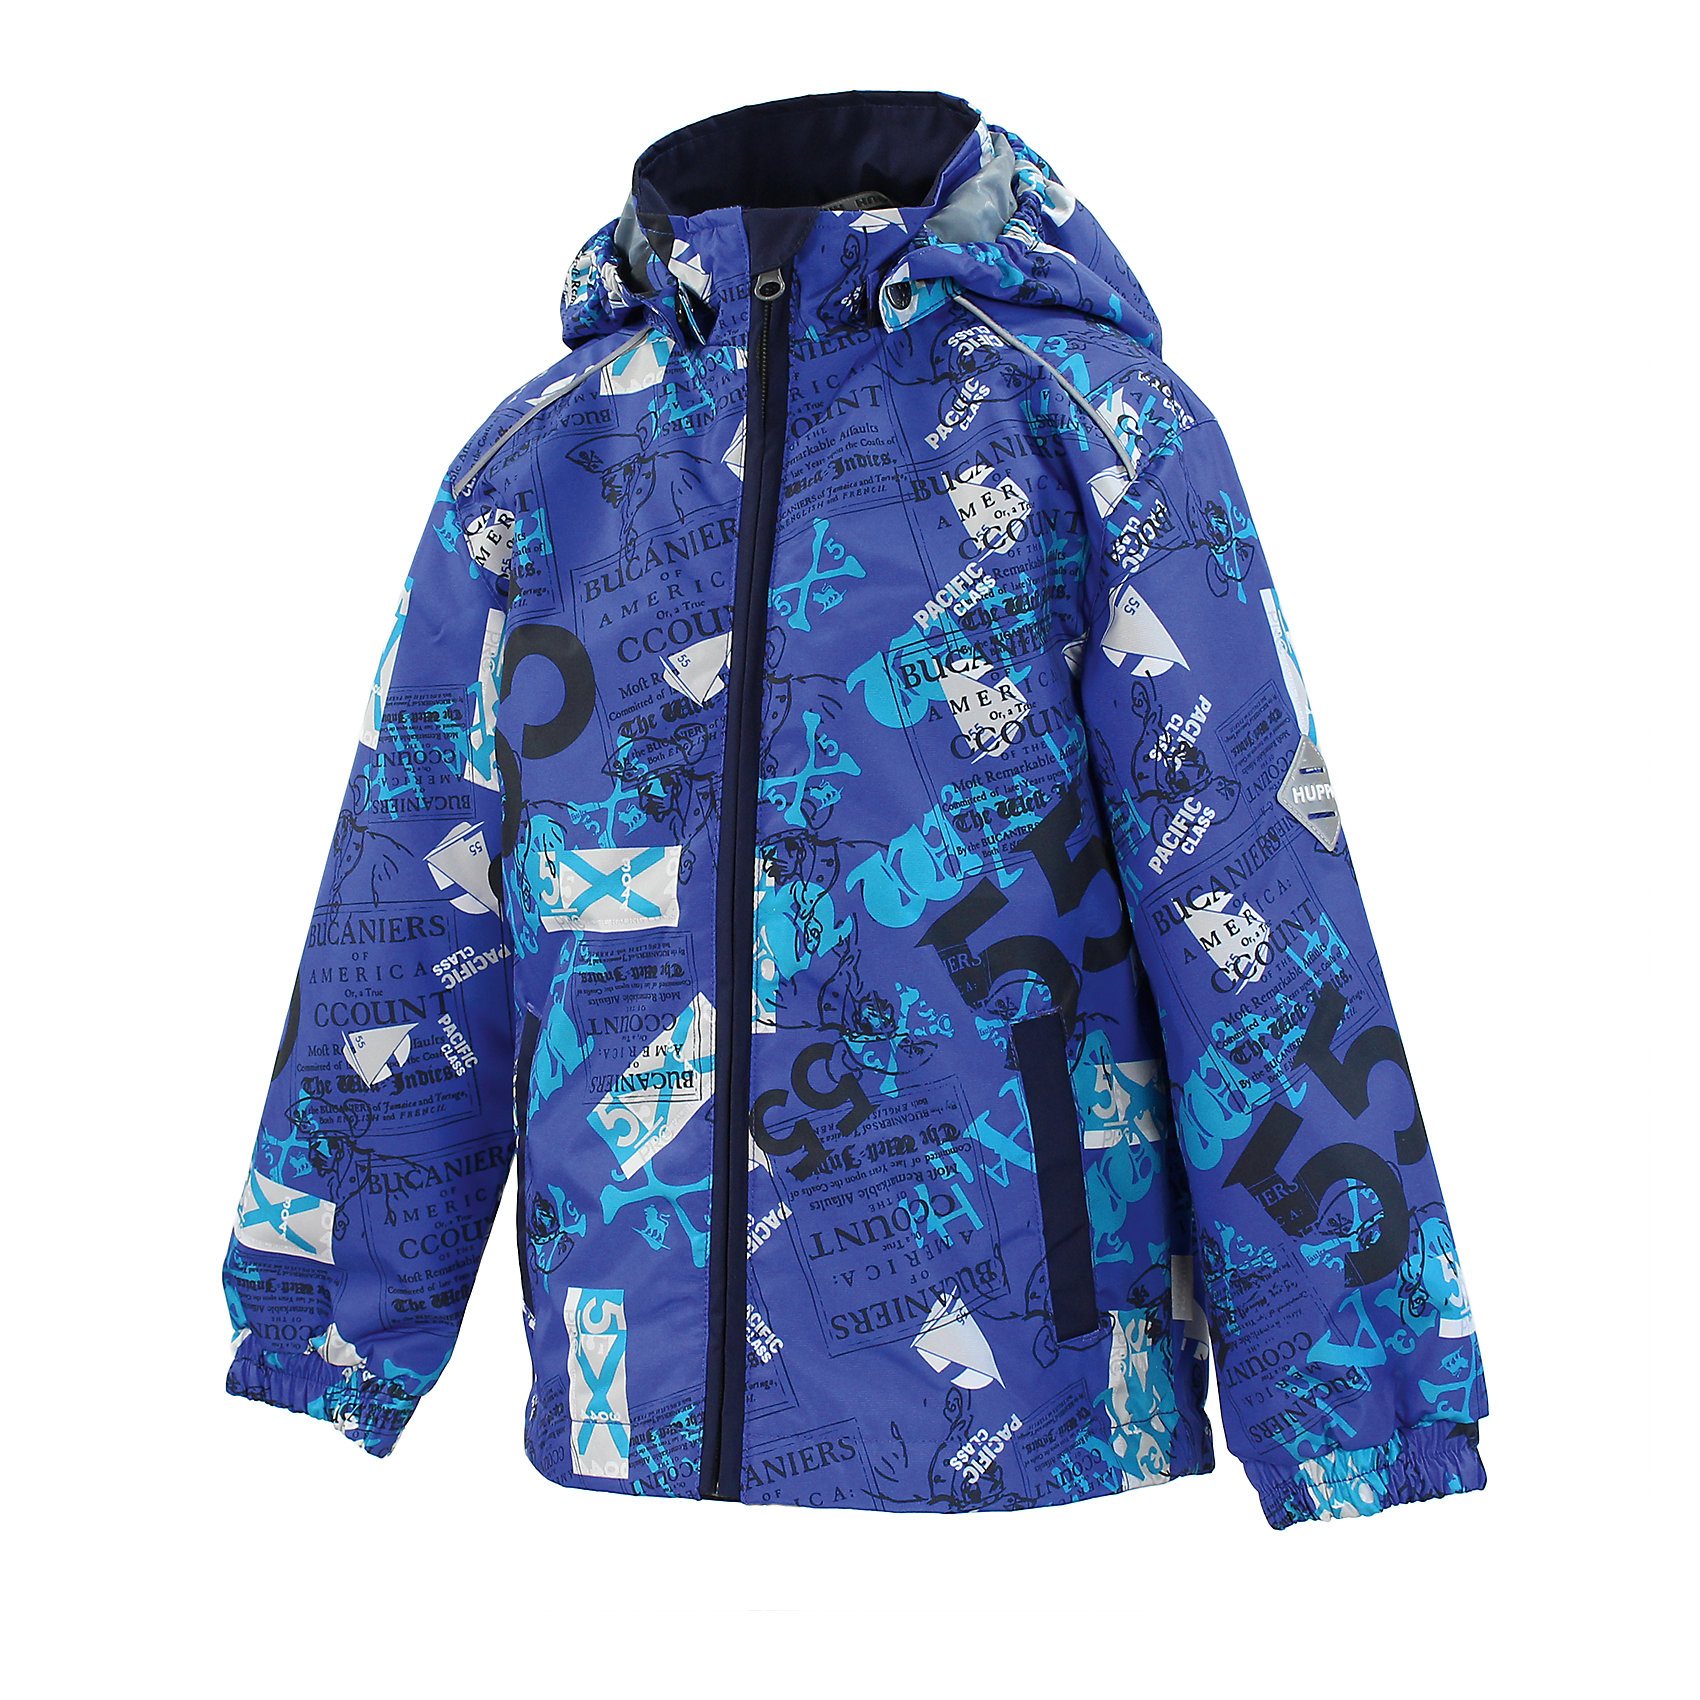 Куртка для мальчика HuppaВлагоустойчивая и дышащая ткань 10 000/ 10 000<br>Мембрана препятствует прохождению воды и ветра сквозь ткань внутрь изделия, позволяя испаряться выделяемой телом, образовывающейся внутри влаге.<br><br>Прочная ткань<br>Сплетения волокон в тканях выполнены по специальной технологии, которая придаёт ткани прочность и предохранят от истирания.<br><br>Светоотражательные детали<br>При плохих погодных условиях или в темноте, когда свет падает на одежду, он отражается, делая ребёнка более заметным, уменьшая возможность несчастных случаев.<br><br>Дополнительная информация:<br><br><br>Ткань: 100% полиэстер<br>Подкладка: тафта - 100% полиэстер<br><br>Куртку для мальчика Huppa можно купить в нашем магазине.<br><br>Ширина мм: 356<br>Глубина мм: 10<br>Высота мм: 245<br>Вес г: 519<br>Цвет: синий<br>Возраст от месяцев: 24<br>Возраст до месяцев: 36<br>Пол: Мужской<br>Возраст: Детский<br>Размер: 92,98,116,110,122,134<br>SKU: 4595363